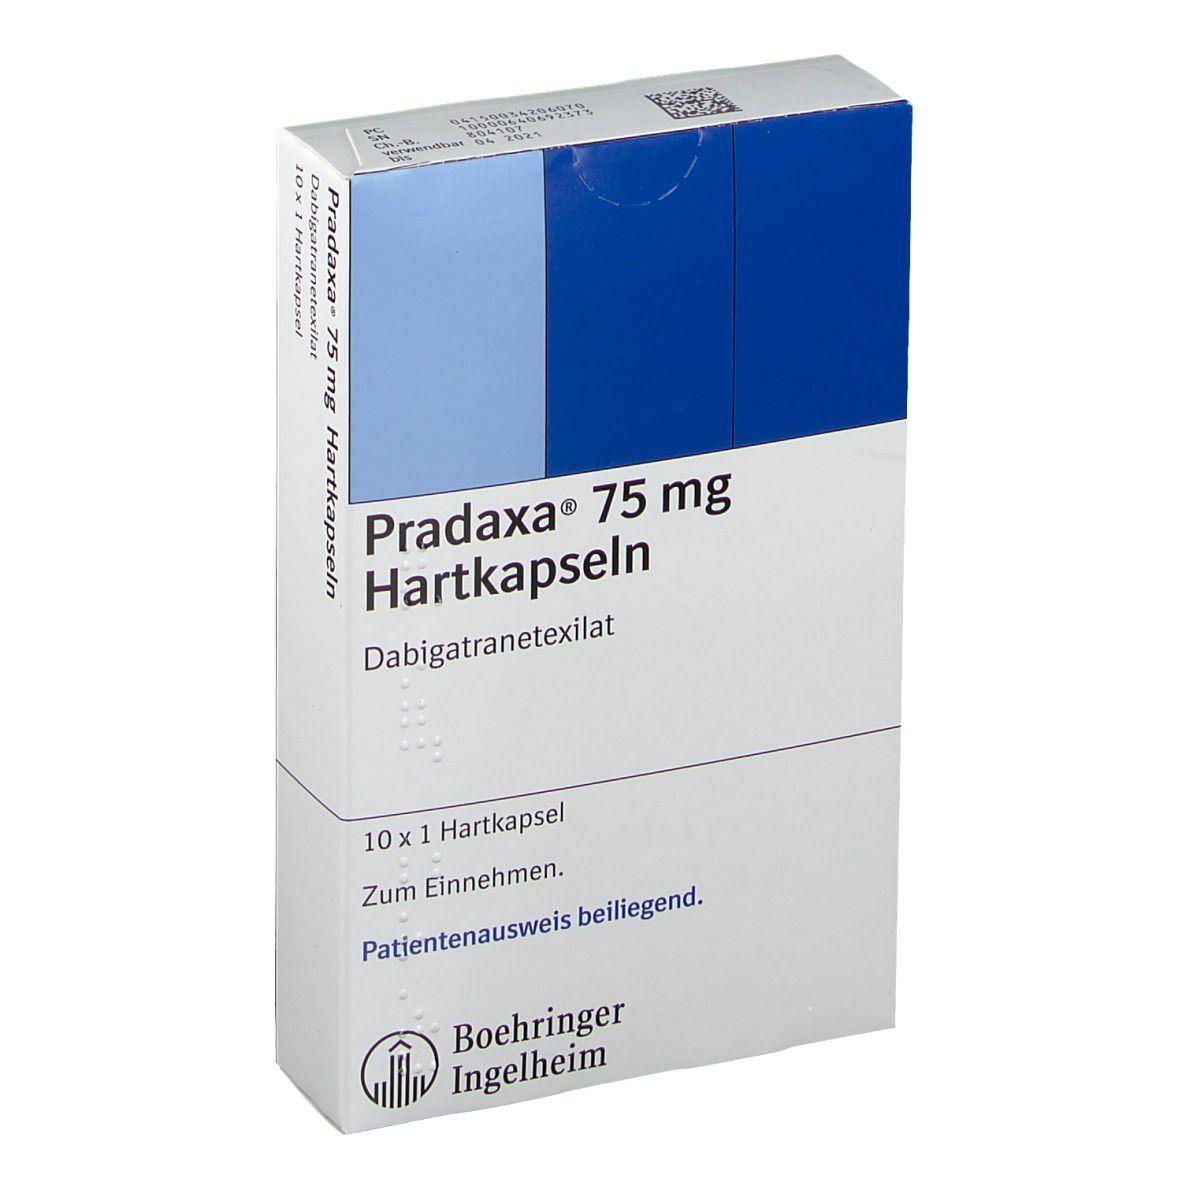 Harga obat pradaxa 75 mg